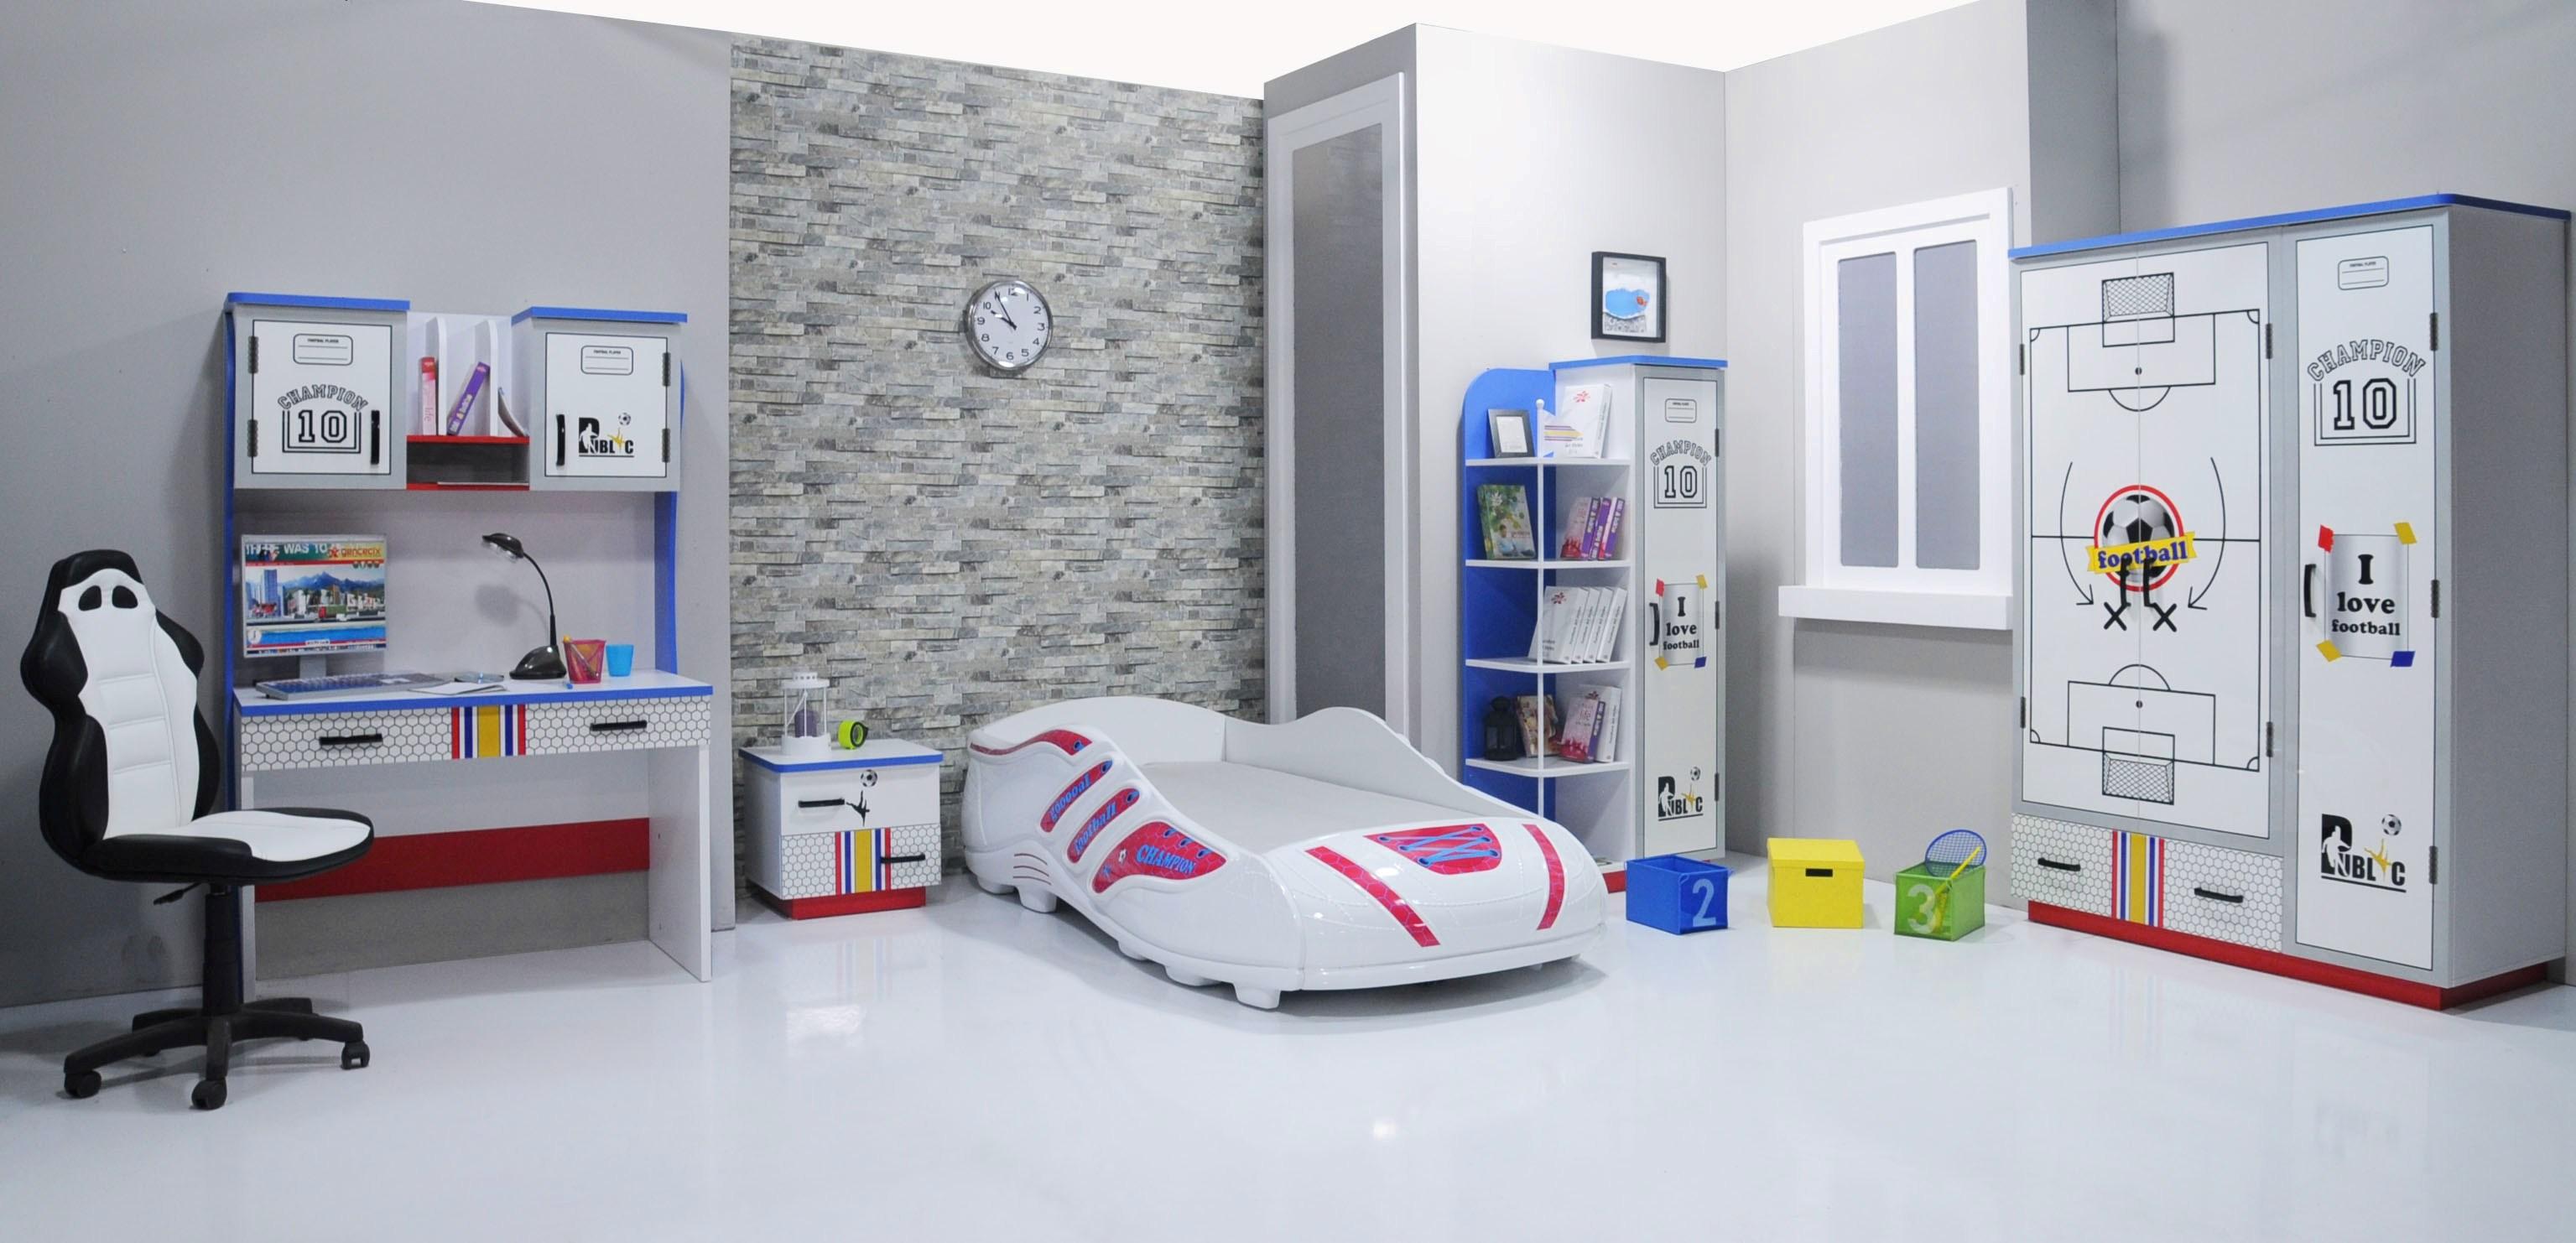 Baby slaapkamer meubels kopen wholesale baby stapelbed uit china baby slaapkamer meubels wit - Baby slaapkamer ...